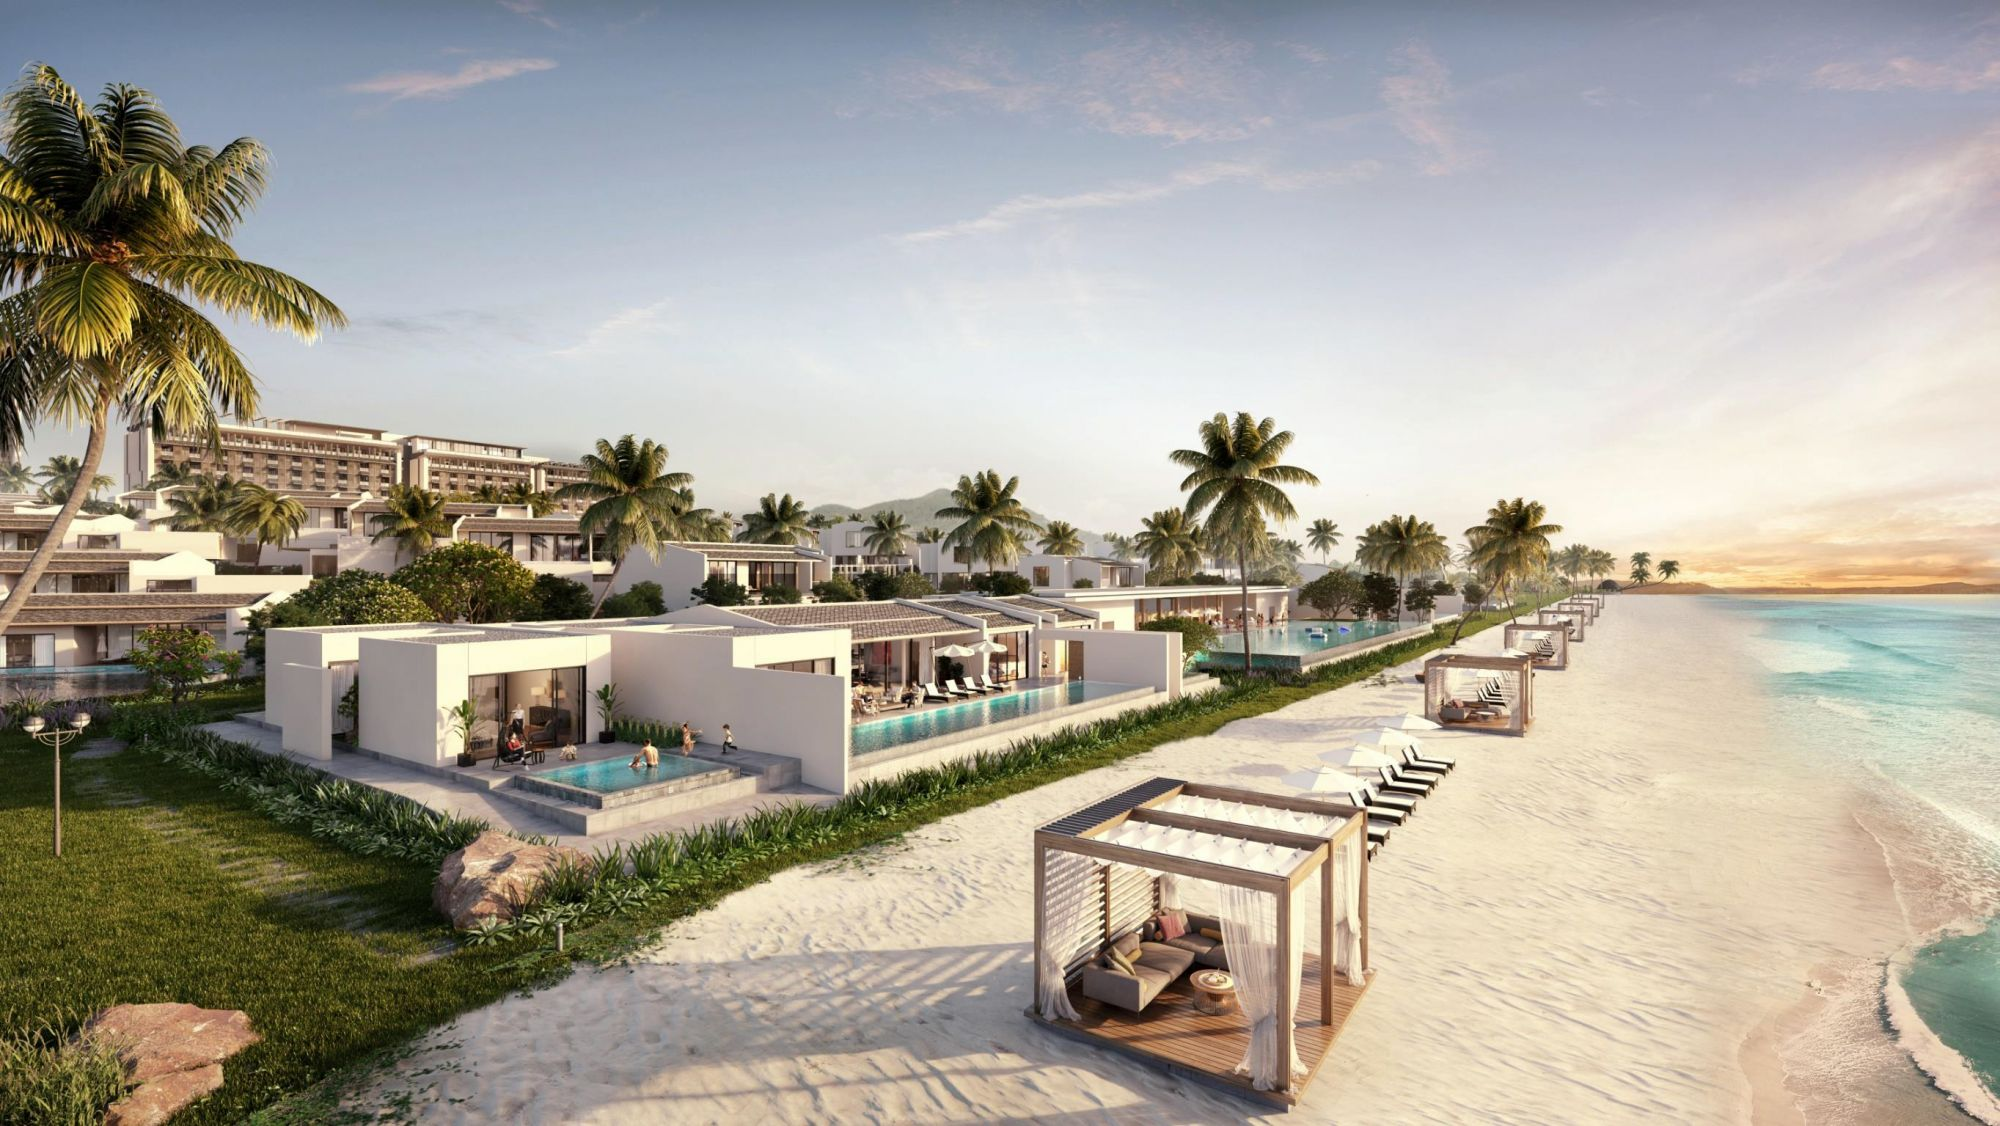 越南「最美海灘」奢華旅宿加一!「富國島麗晶酒店」2021年夏季全新開幕